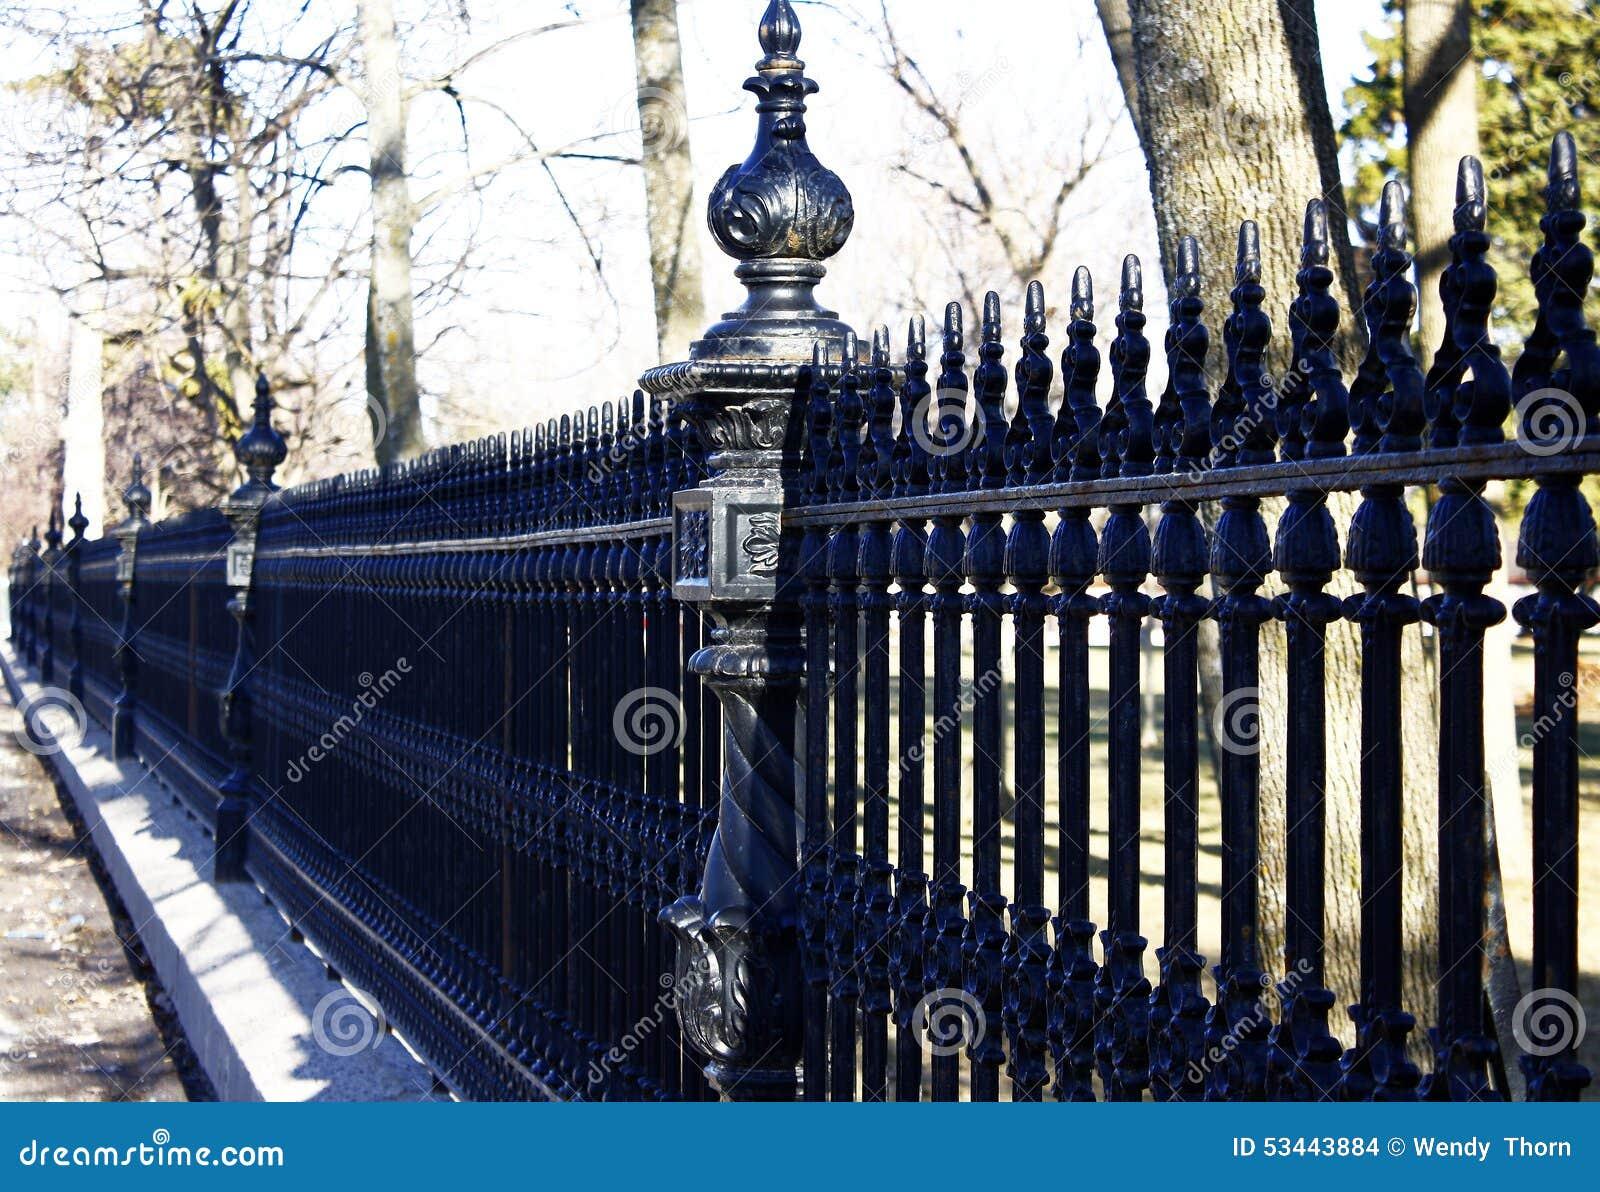 Wunderschönen Schmiedeeisen Zaun | Einzigartige Ideen zum Sichtschutz